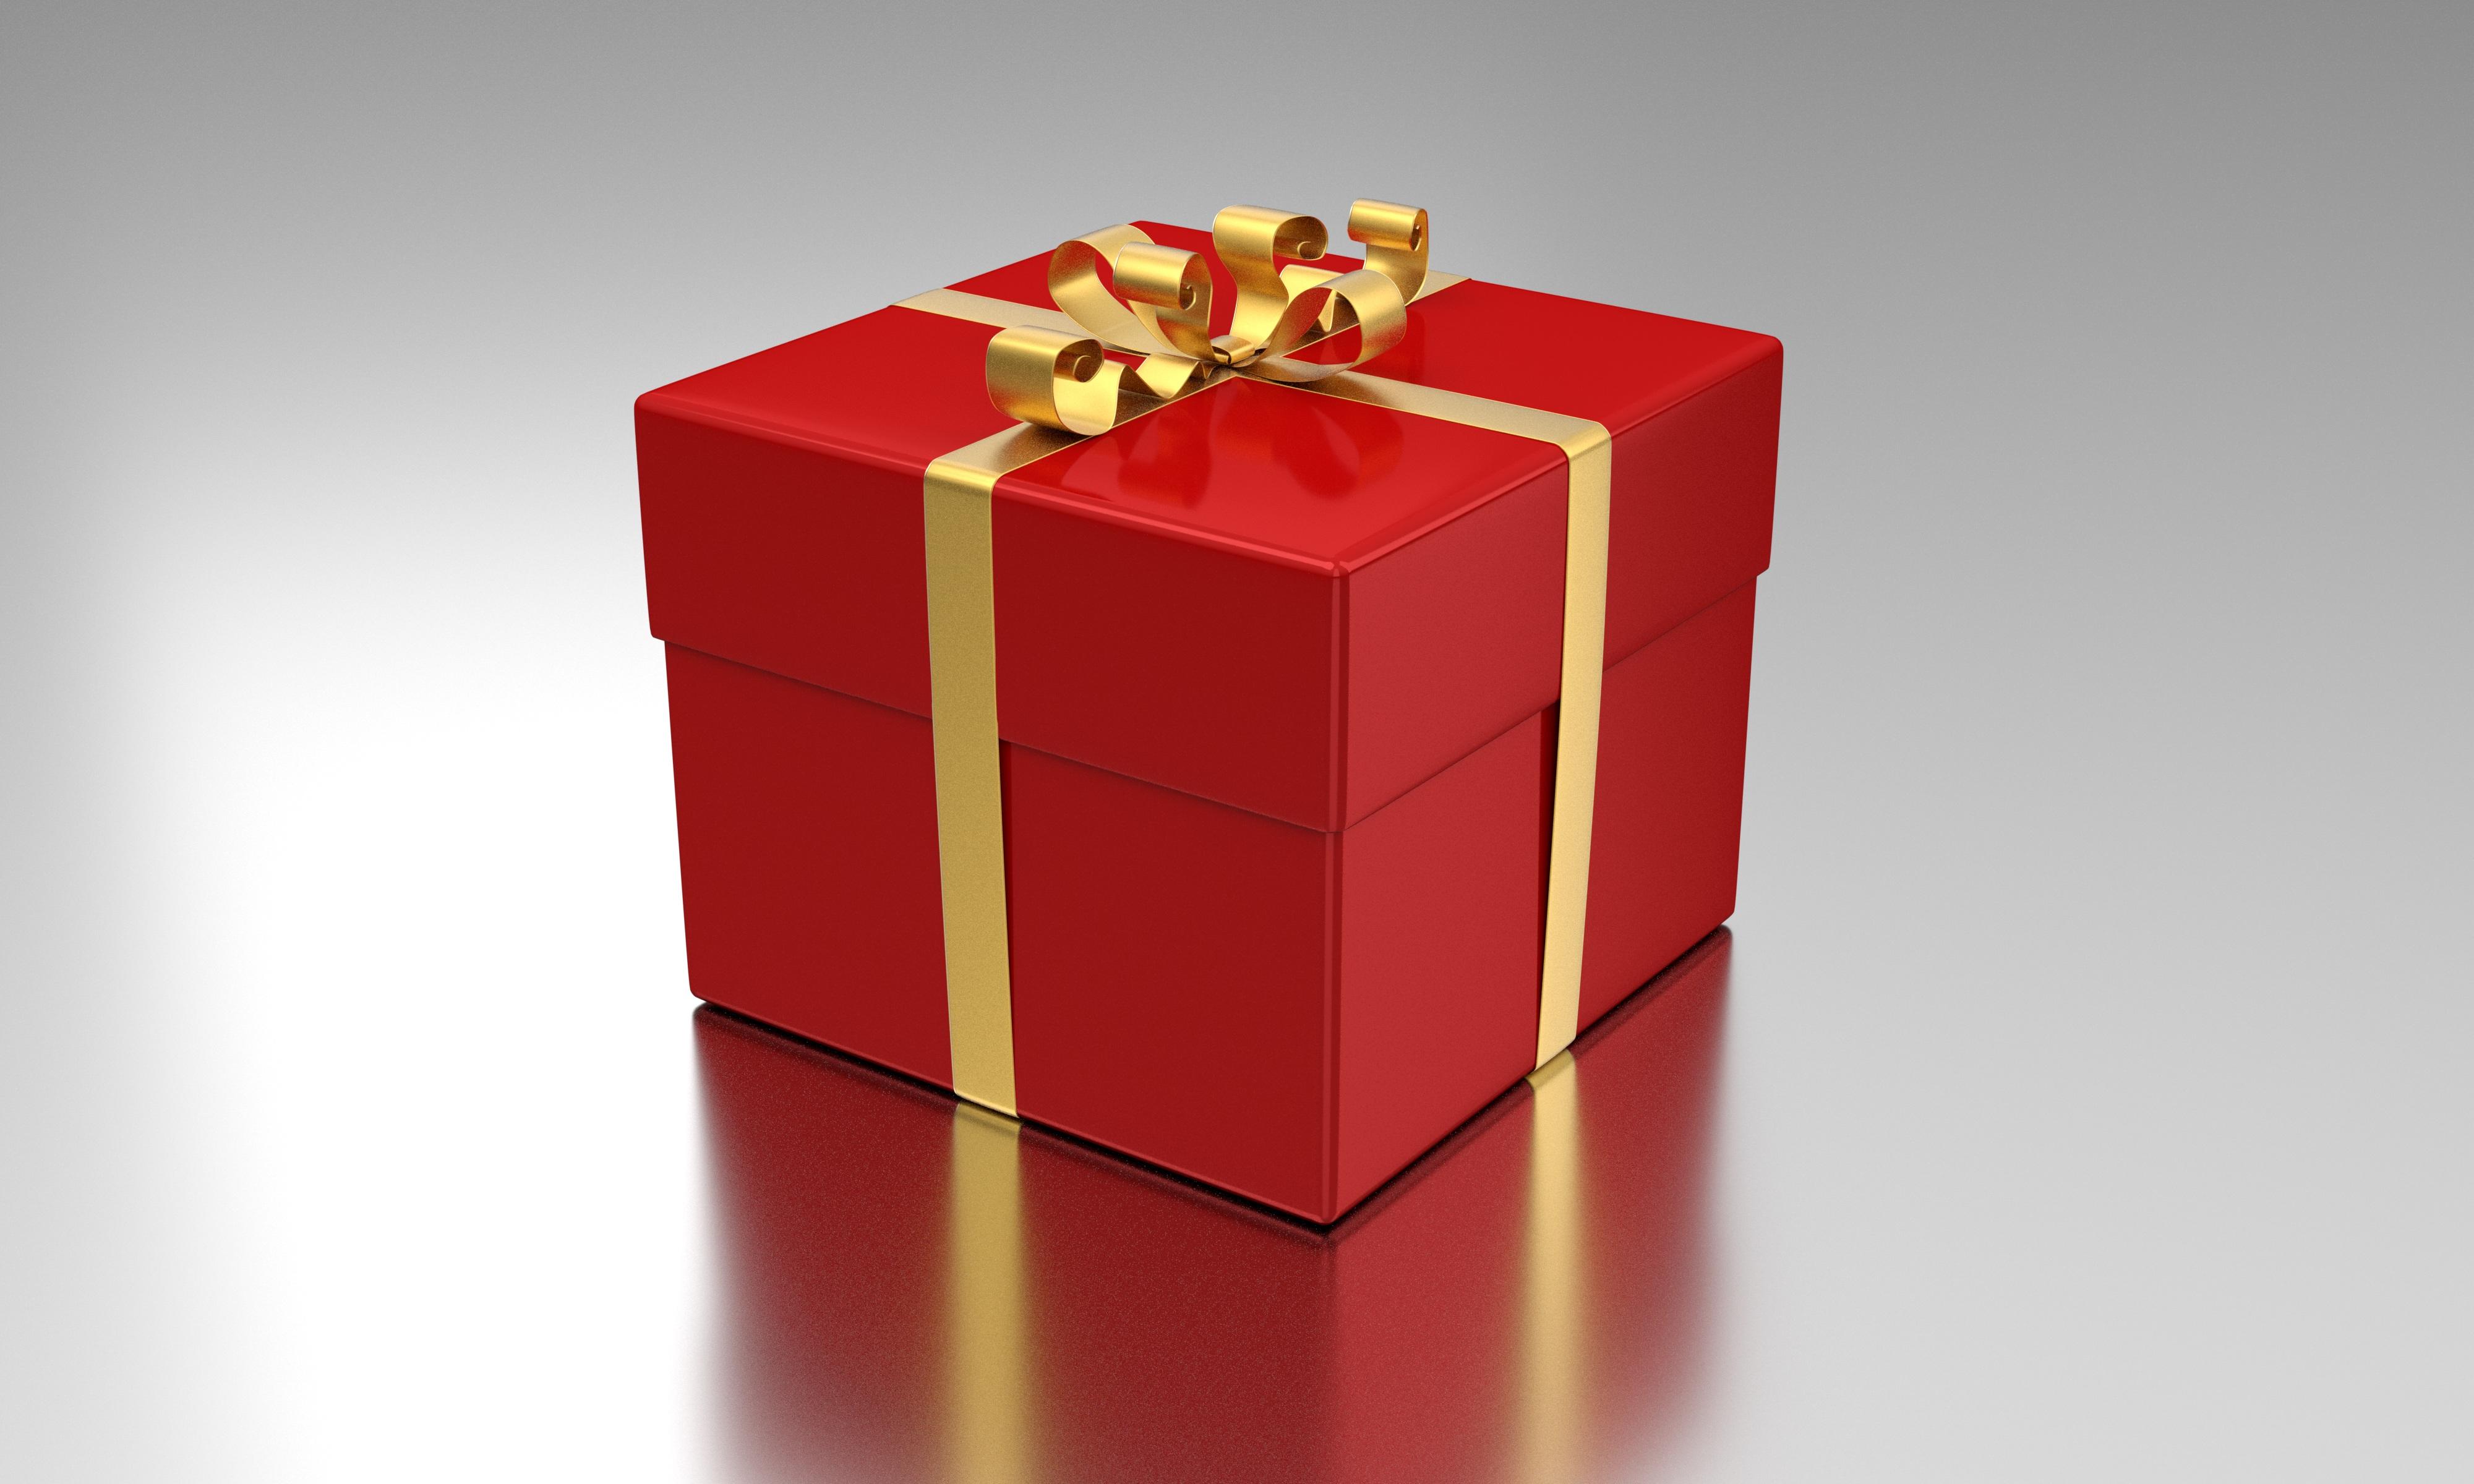 free images celebration waiting gift decoration golden